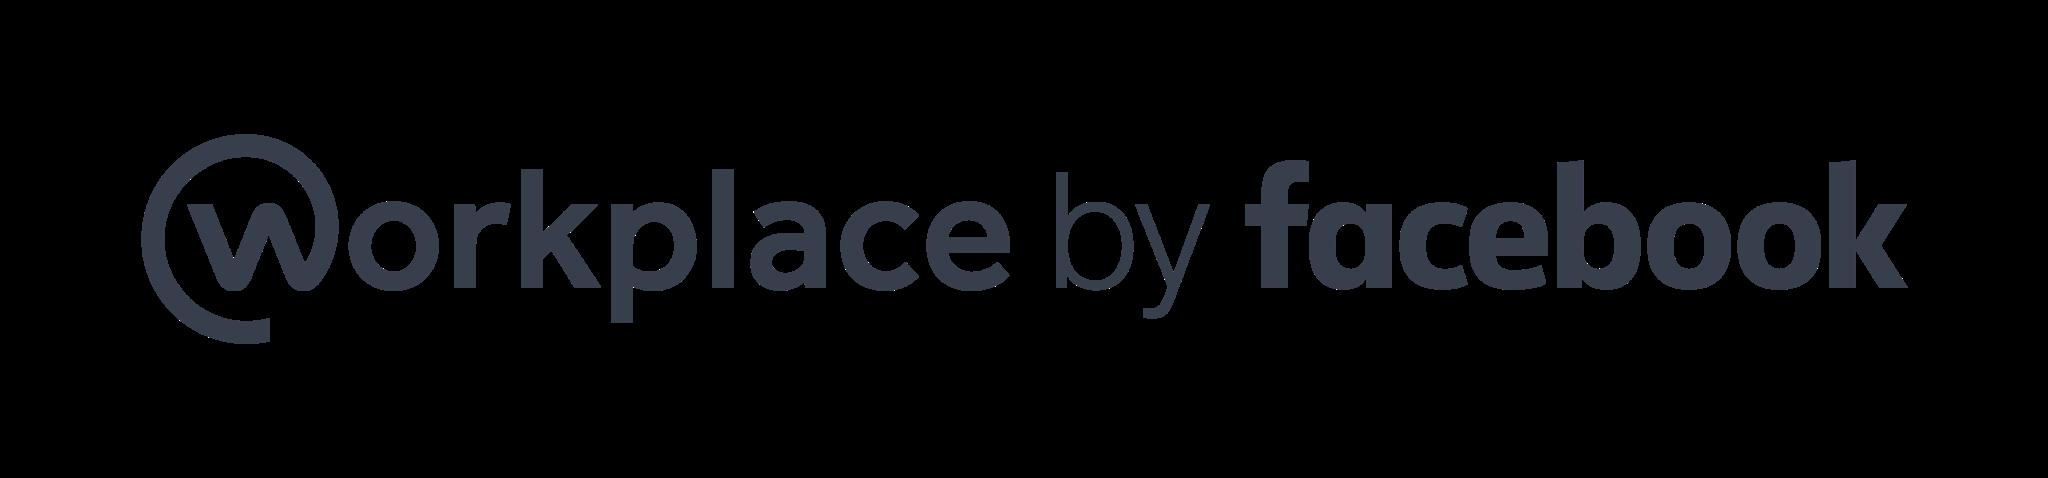 Workplace_Logotype_Lock-up_Single-Line_Grey_RGB